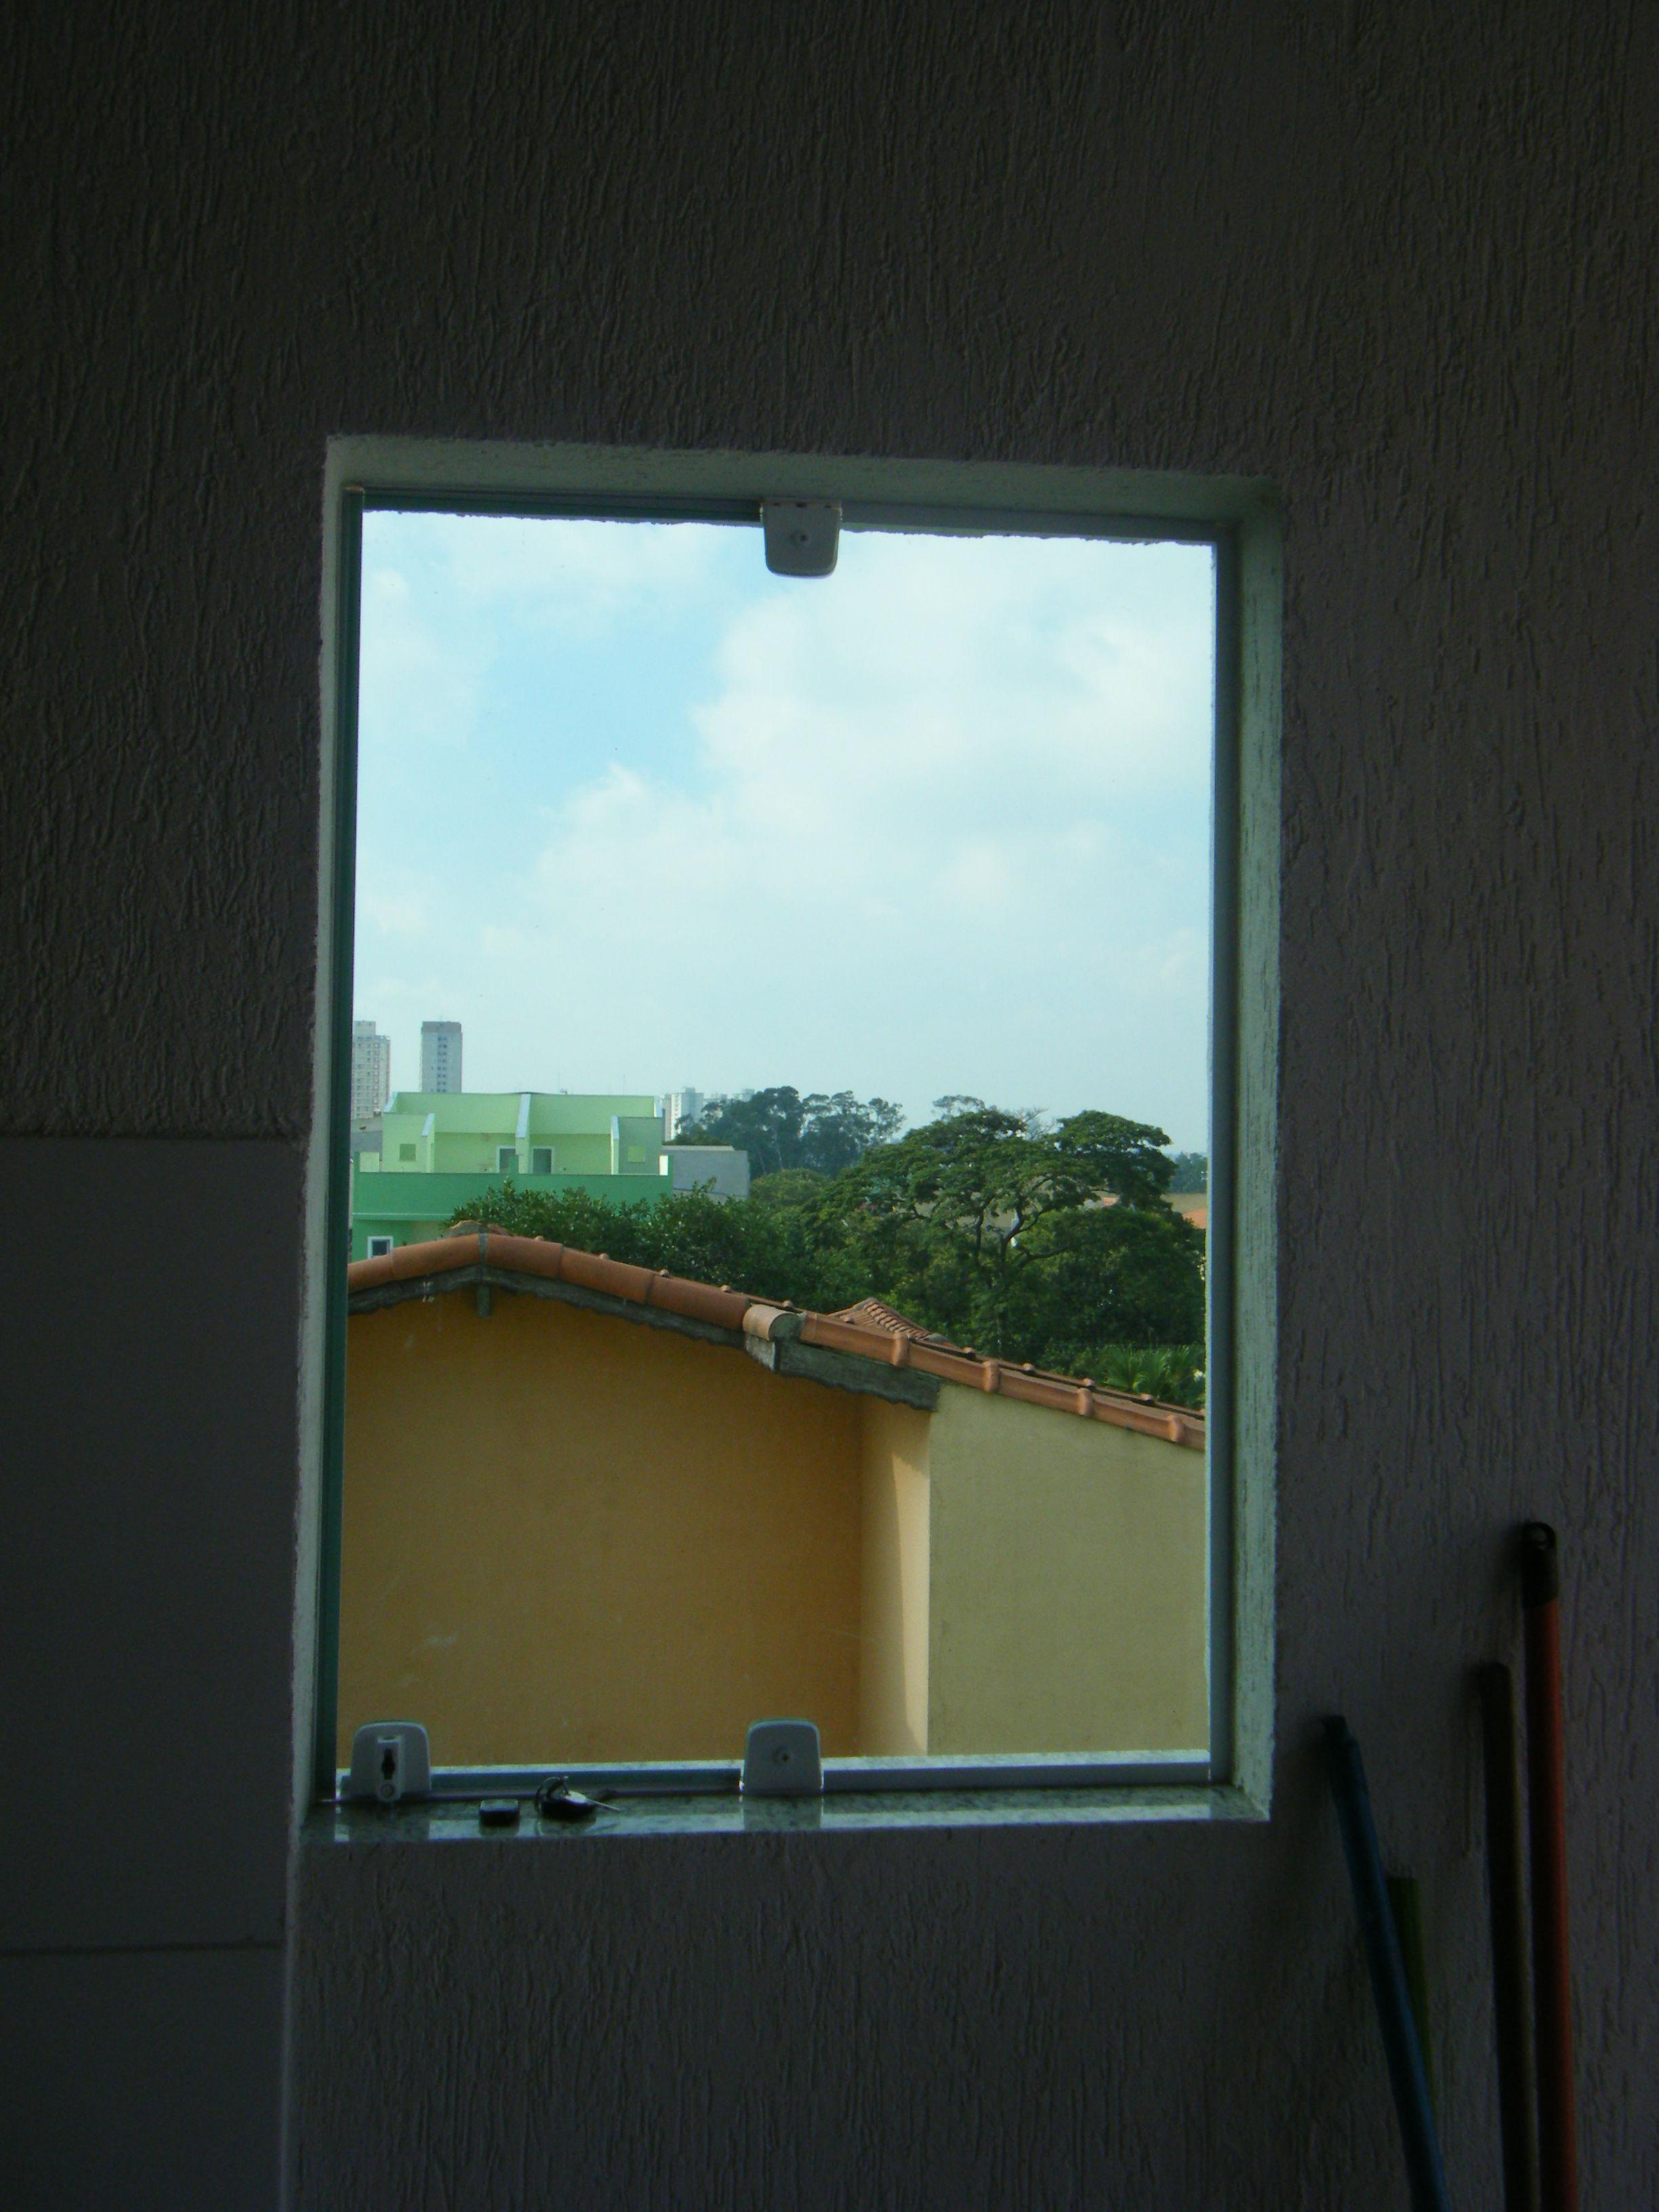 #388E93 16 de fevereiro de 2012 quinta janela pivotante janela em vidro verde  114 Janelas De Vidro Em São Luis